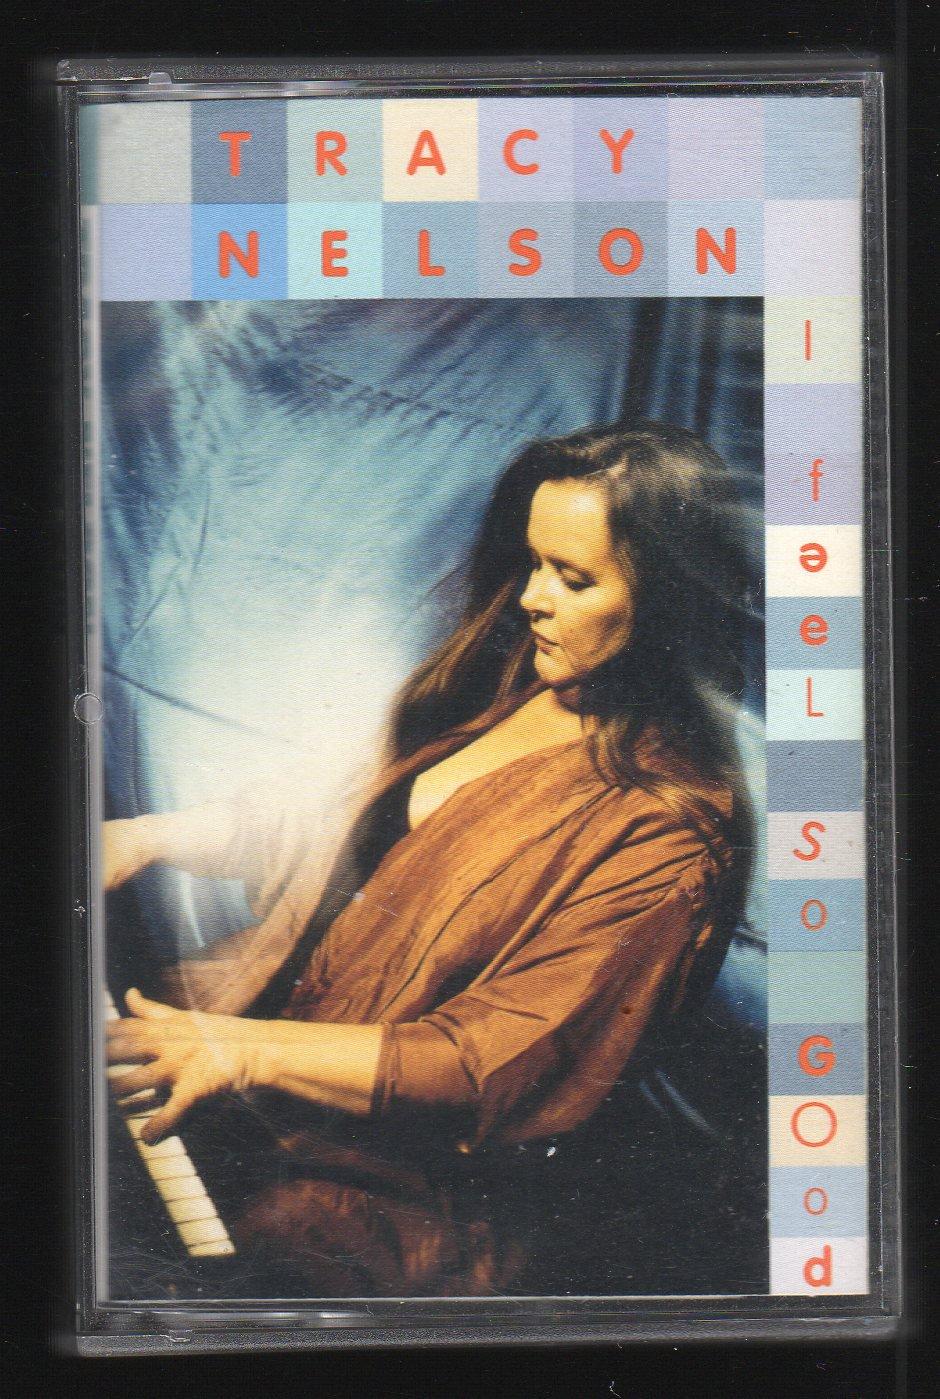 Tracy Nelson - I Feel So Good Cassette Tape